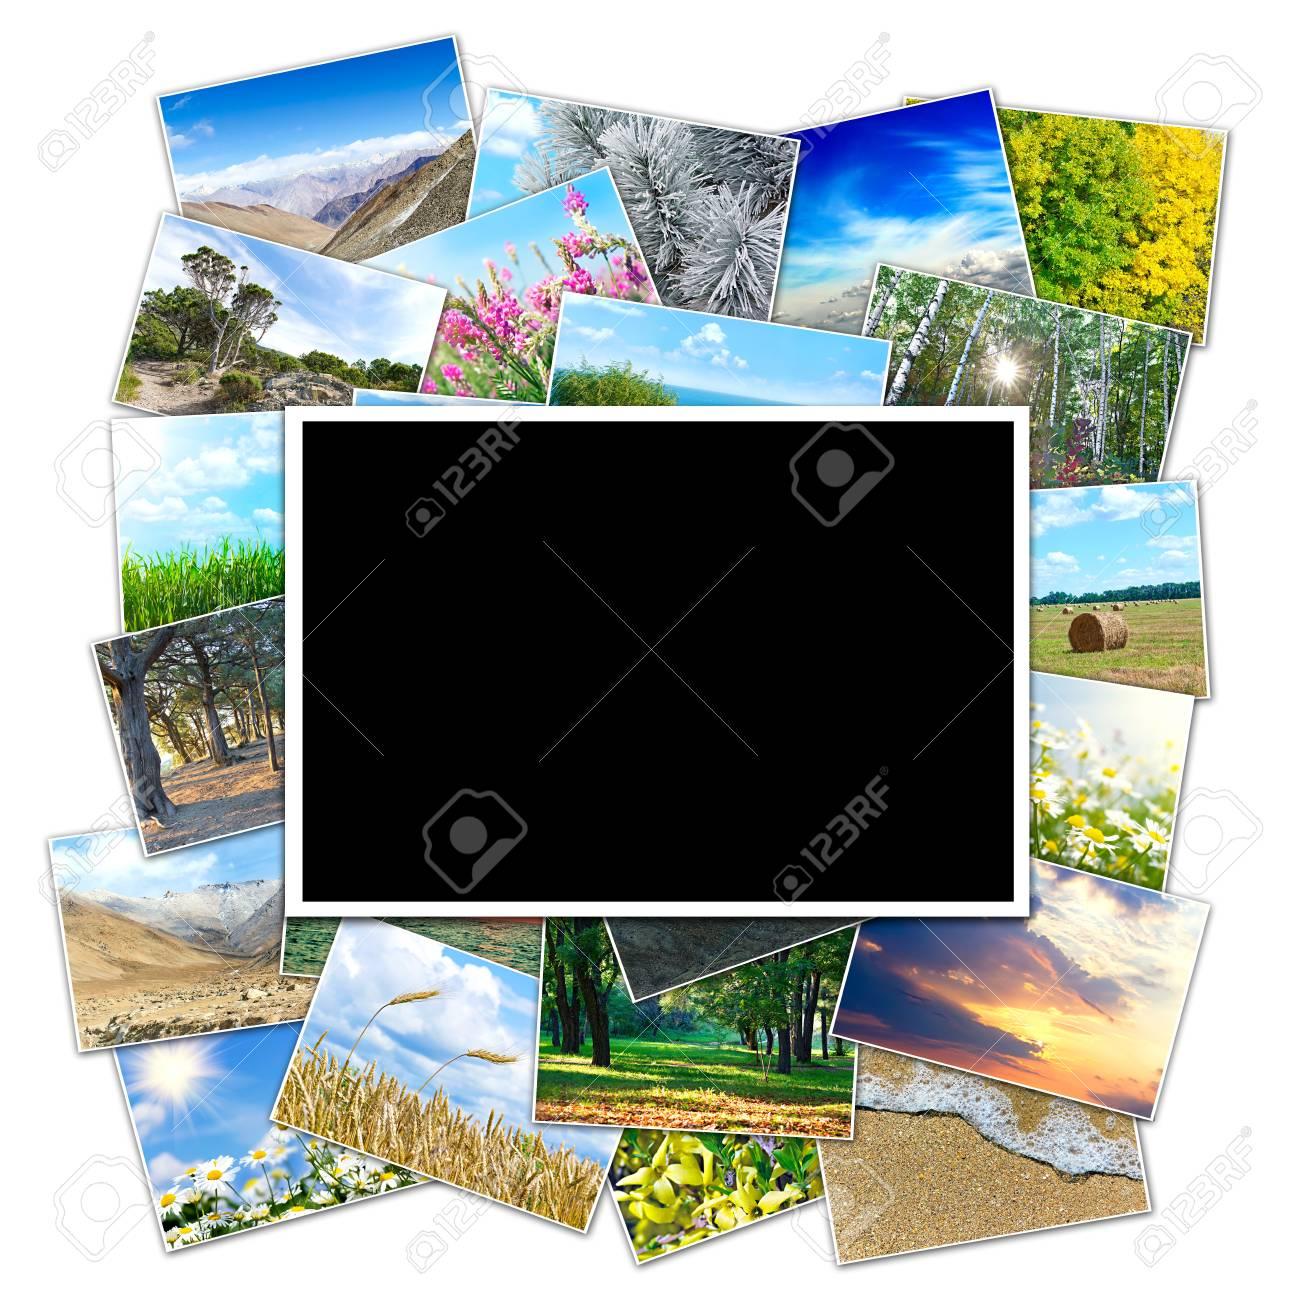 Rahmen Für Ein Foto Auf Dem Hintergrund Bild Von Der Natur Des ...